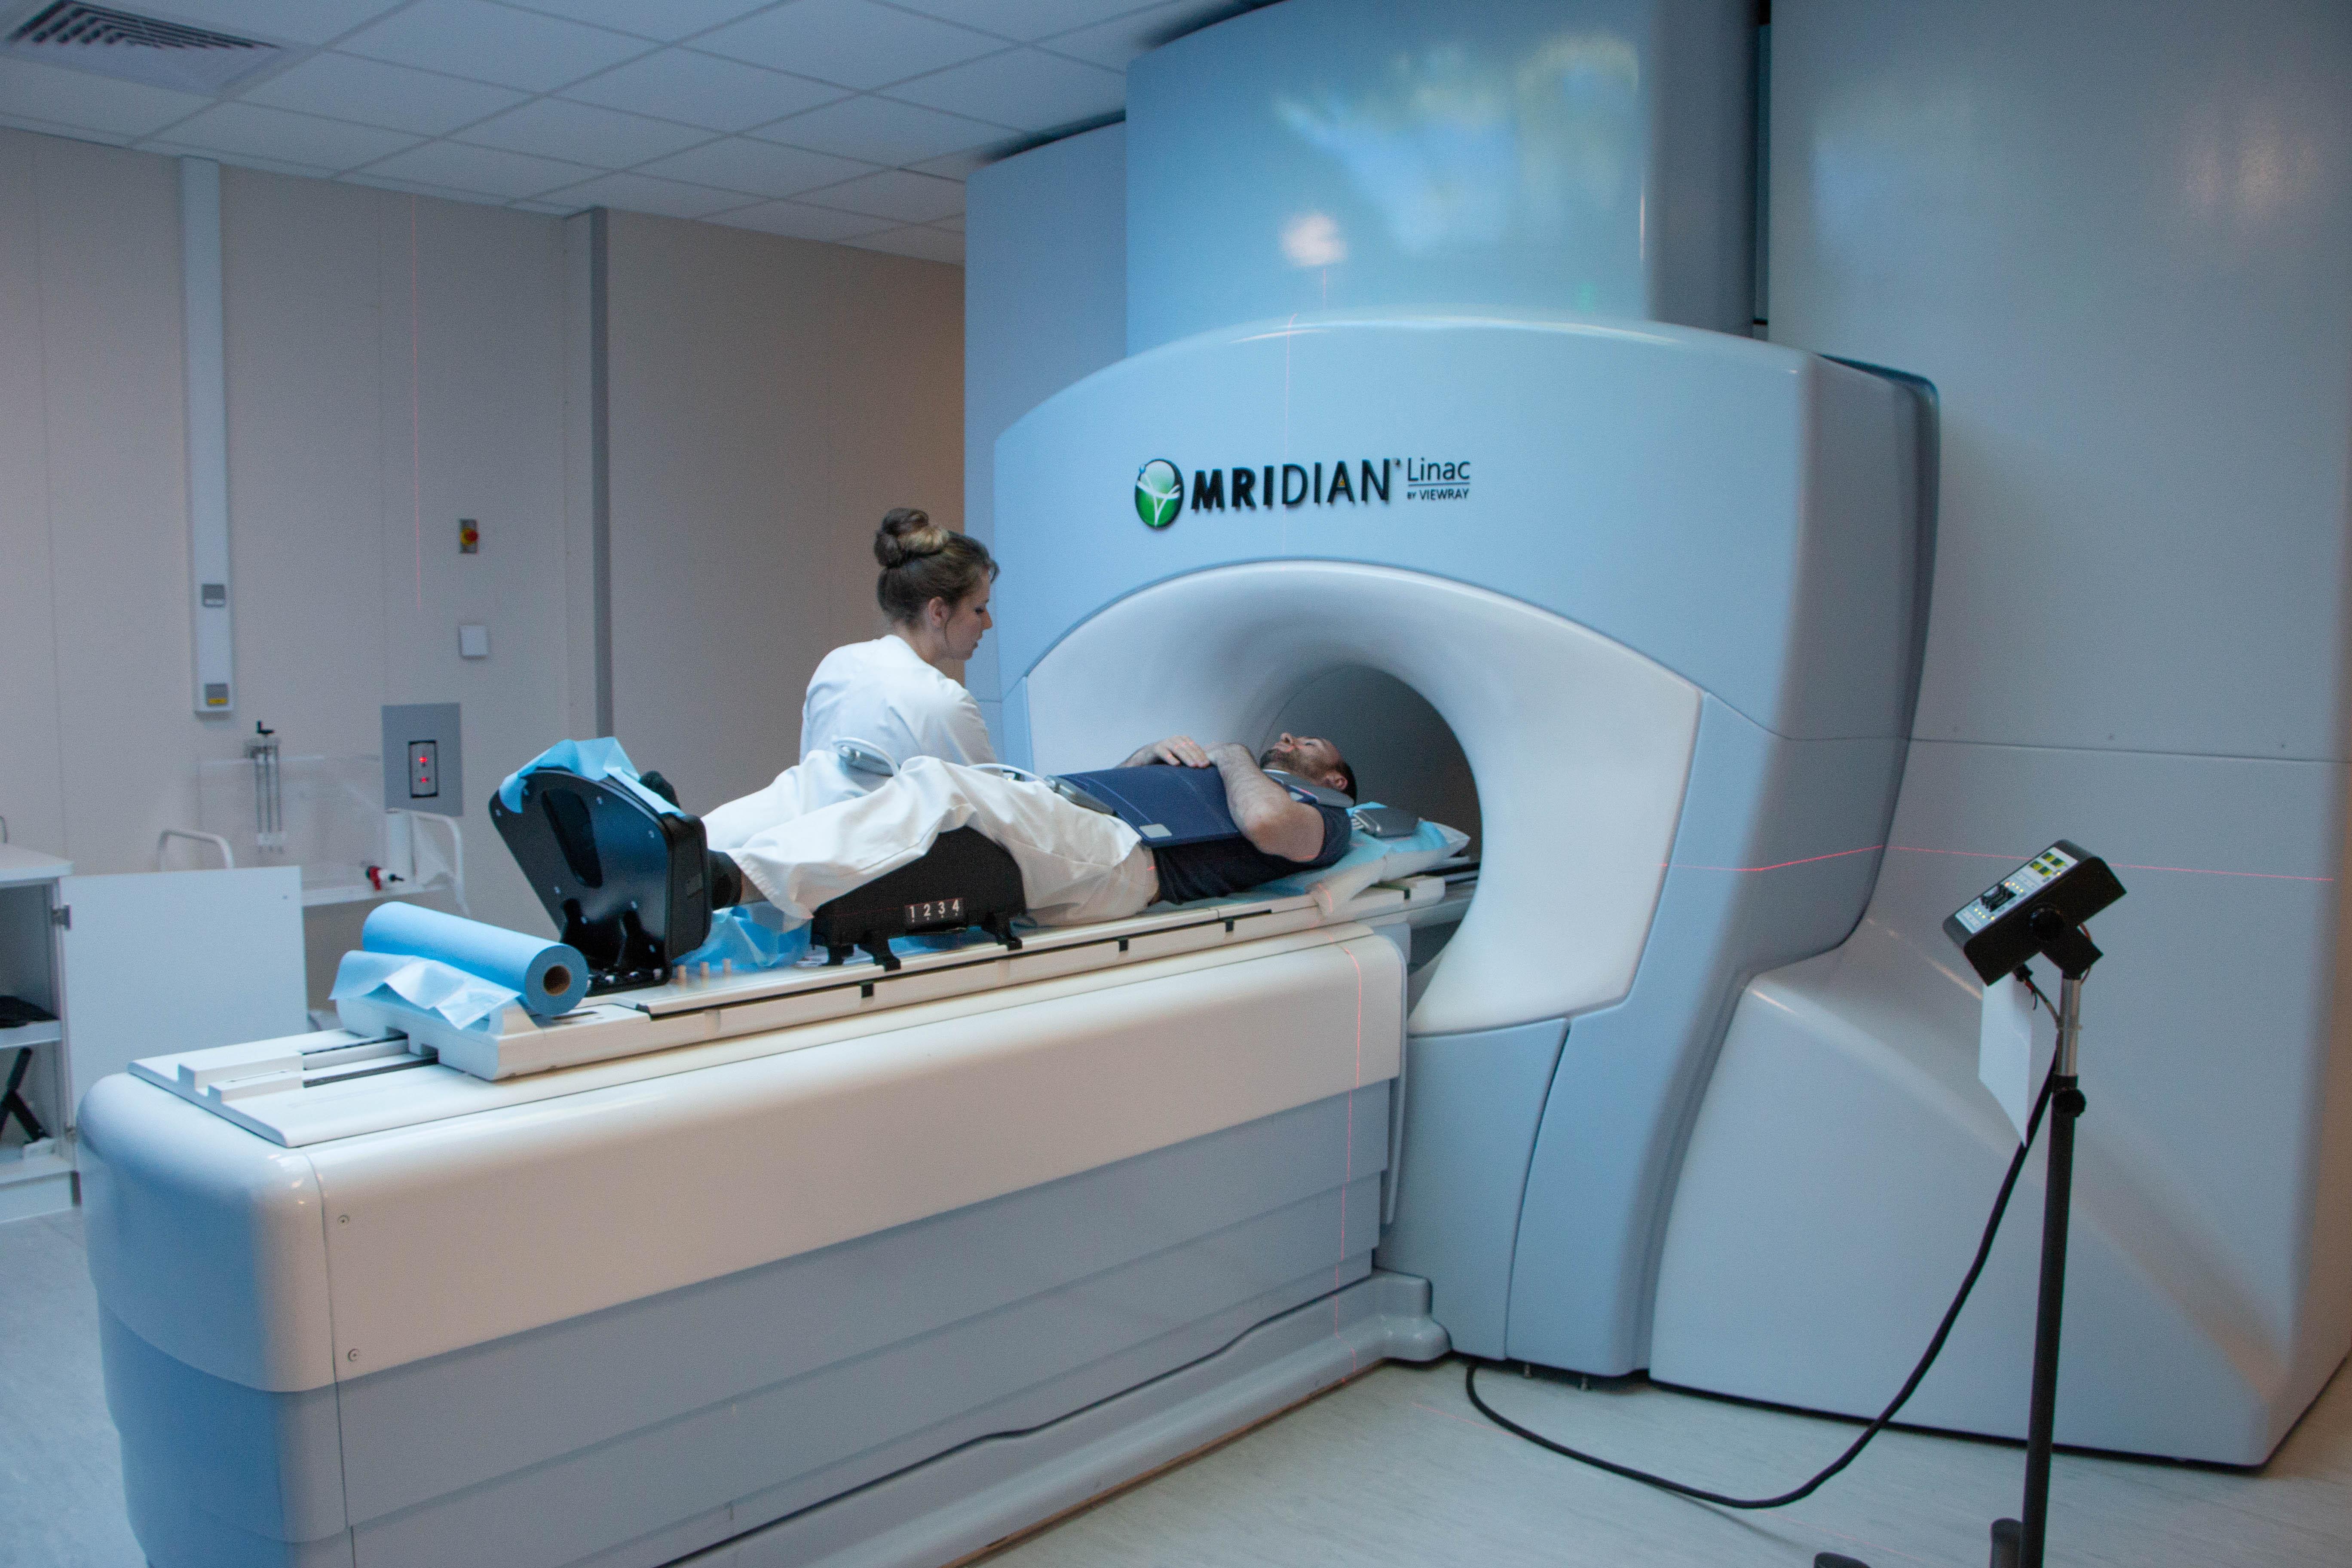 MRIdian-Linac